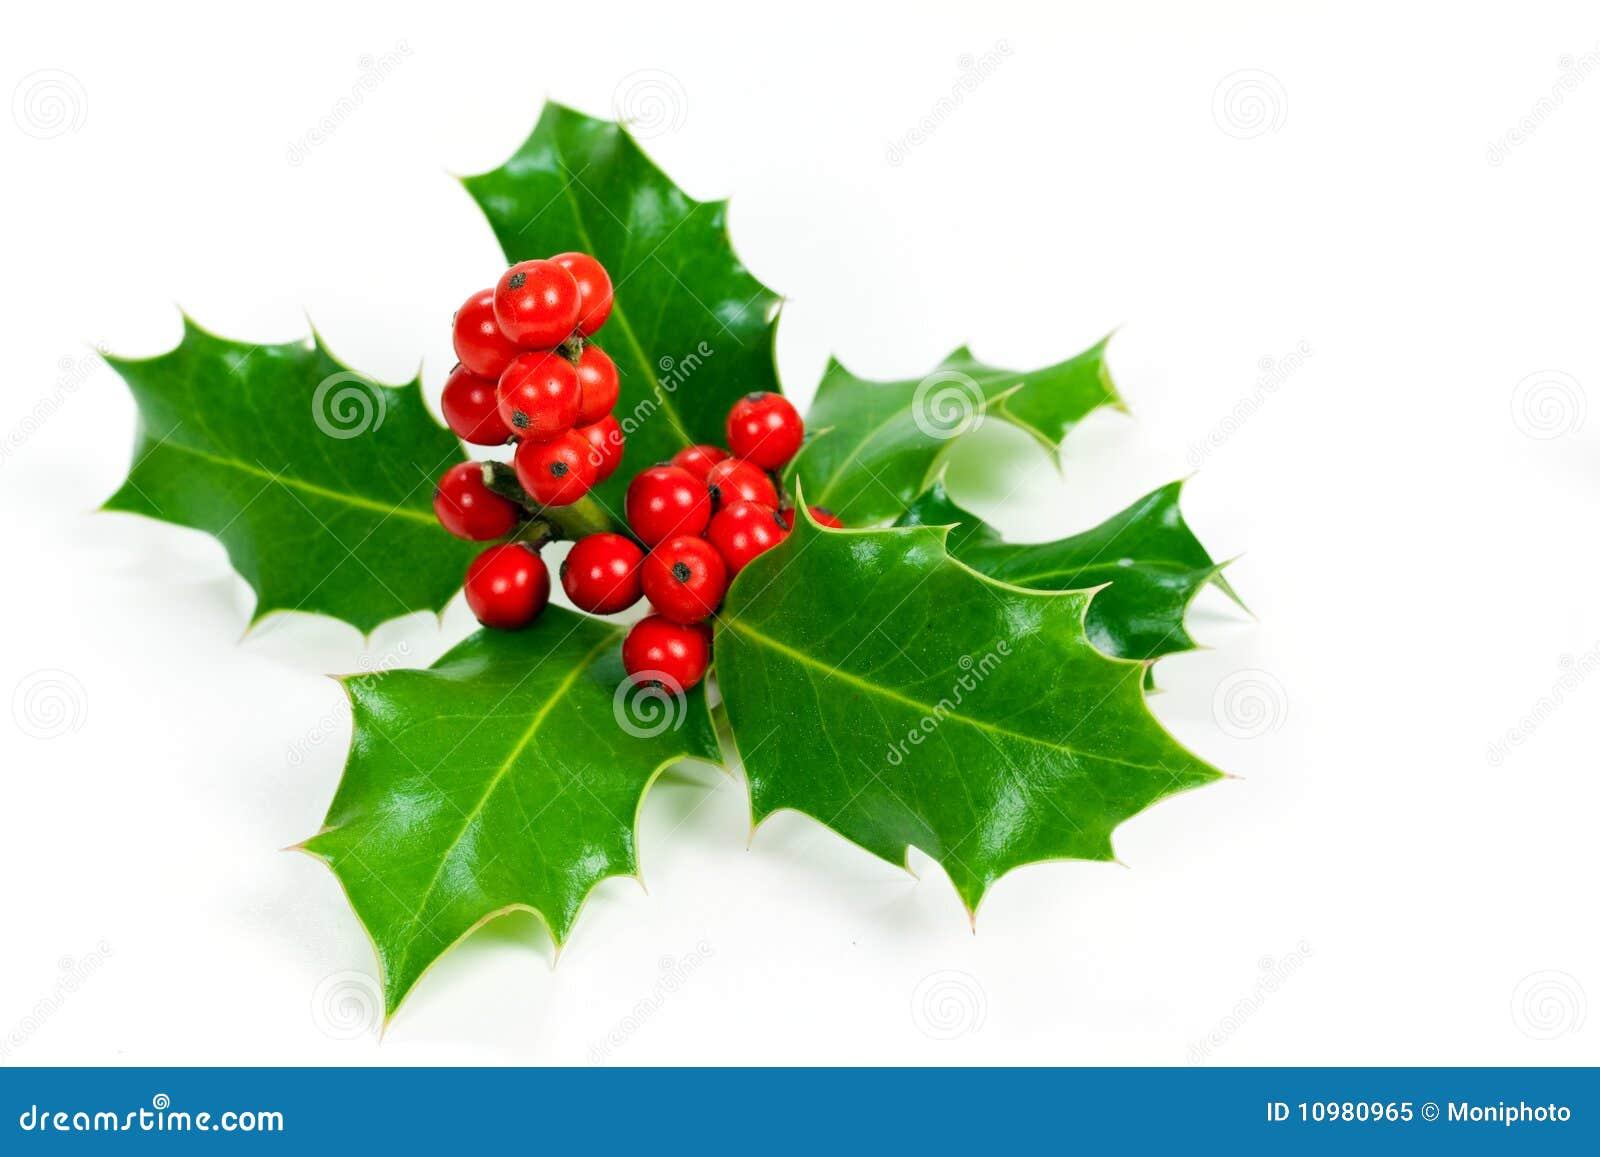 листья падуба украшения рождества ягод